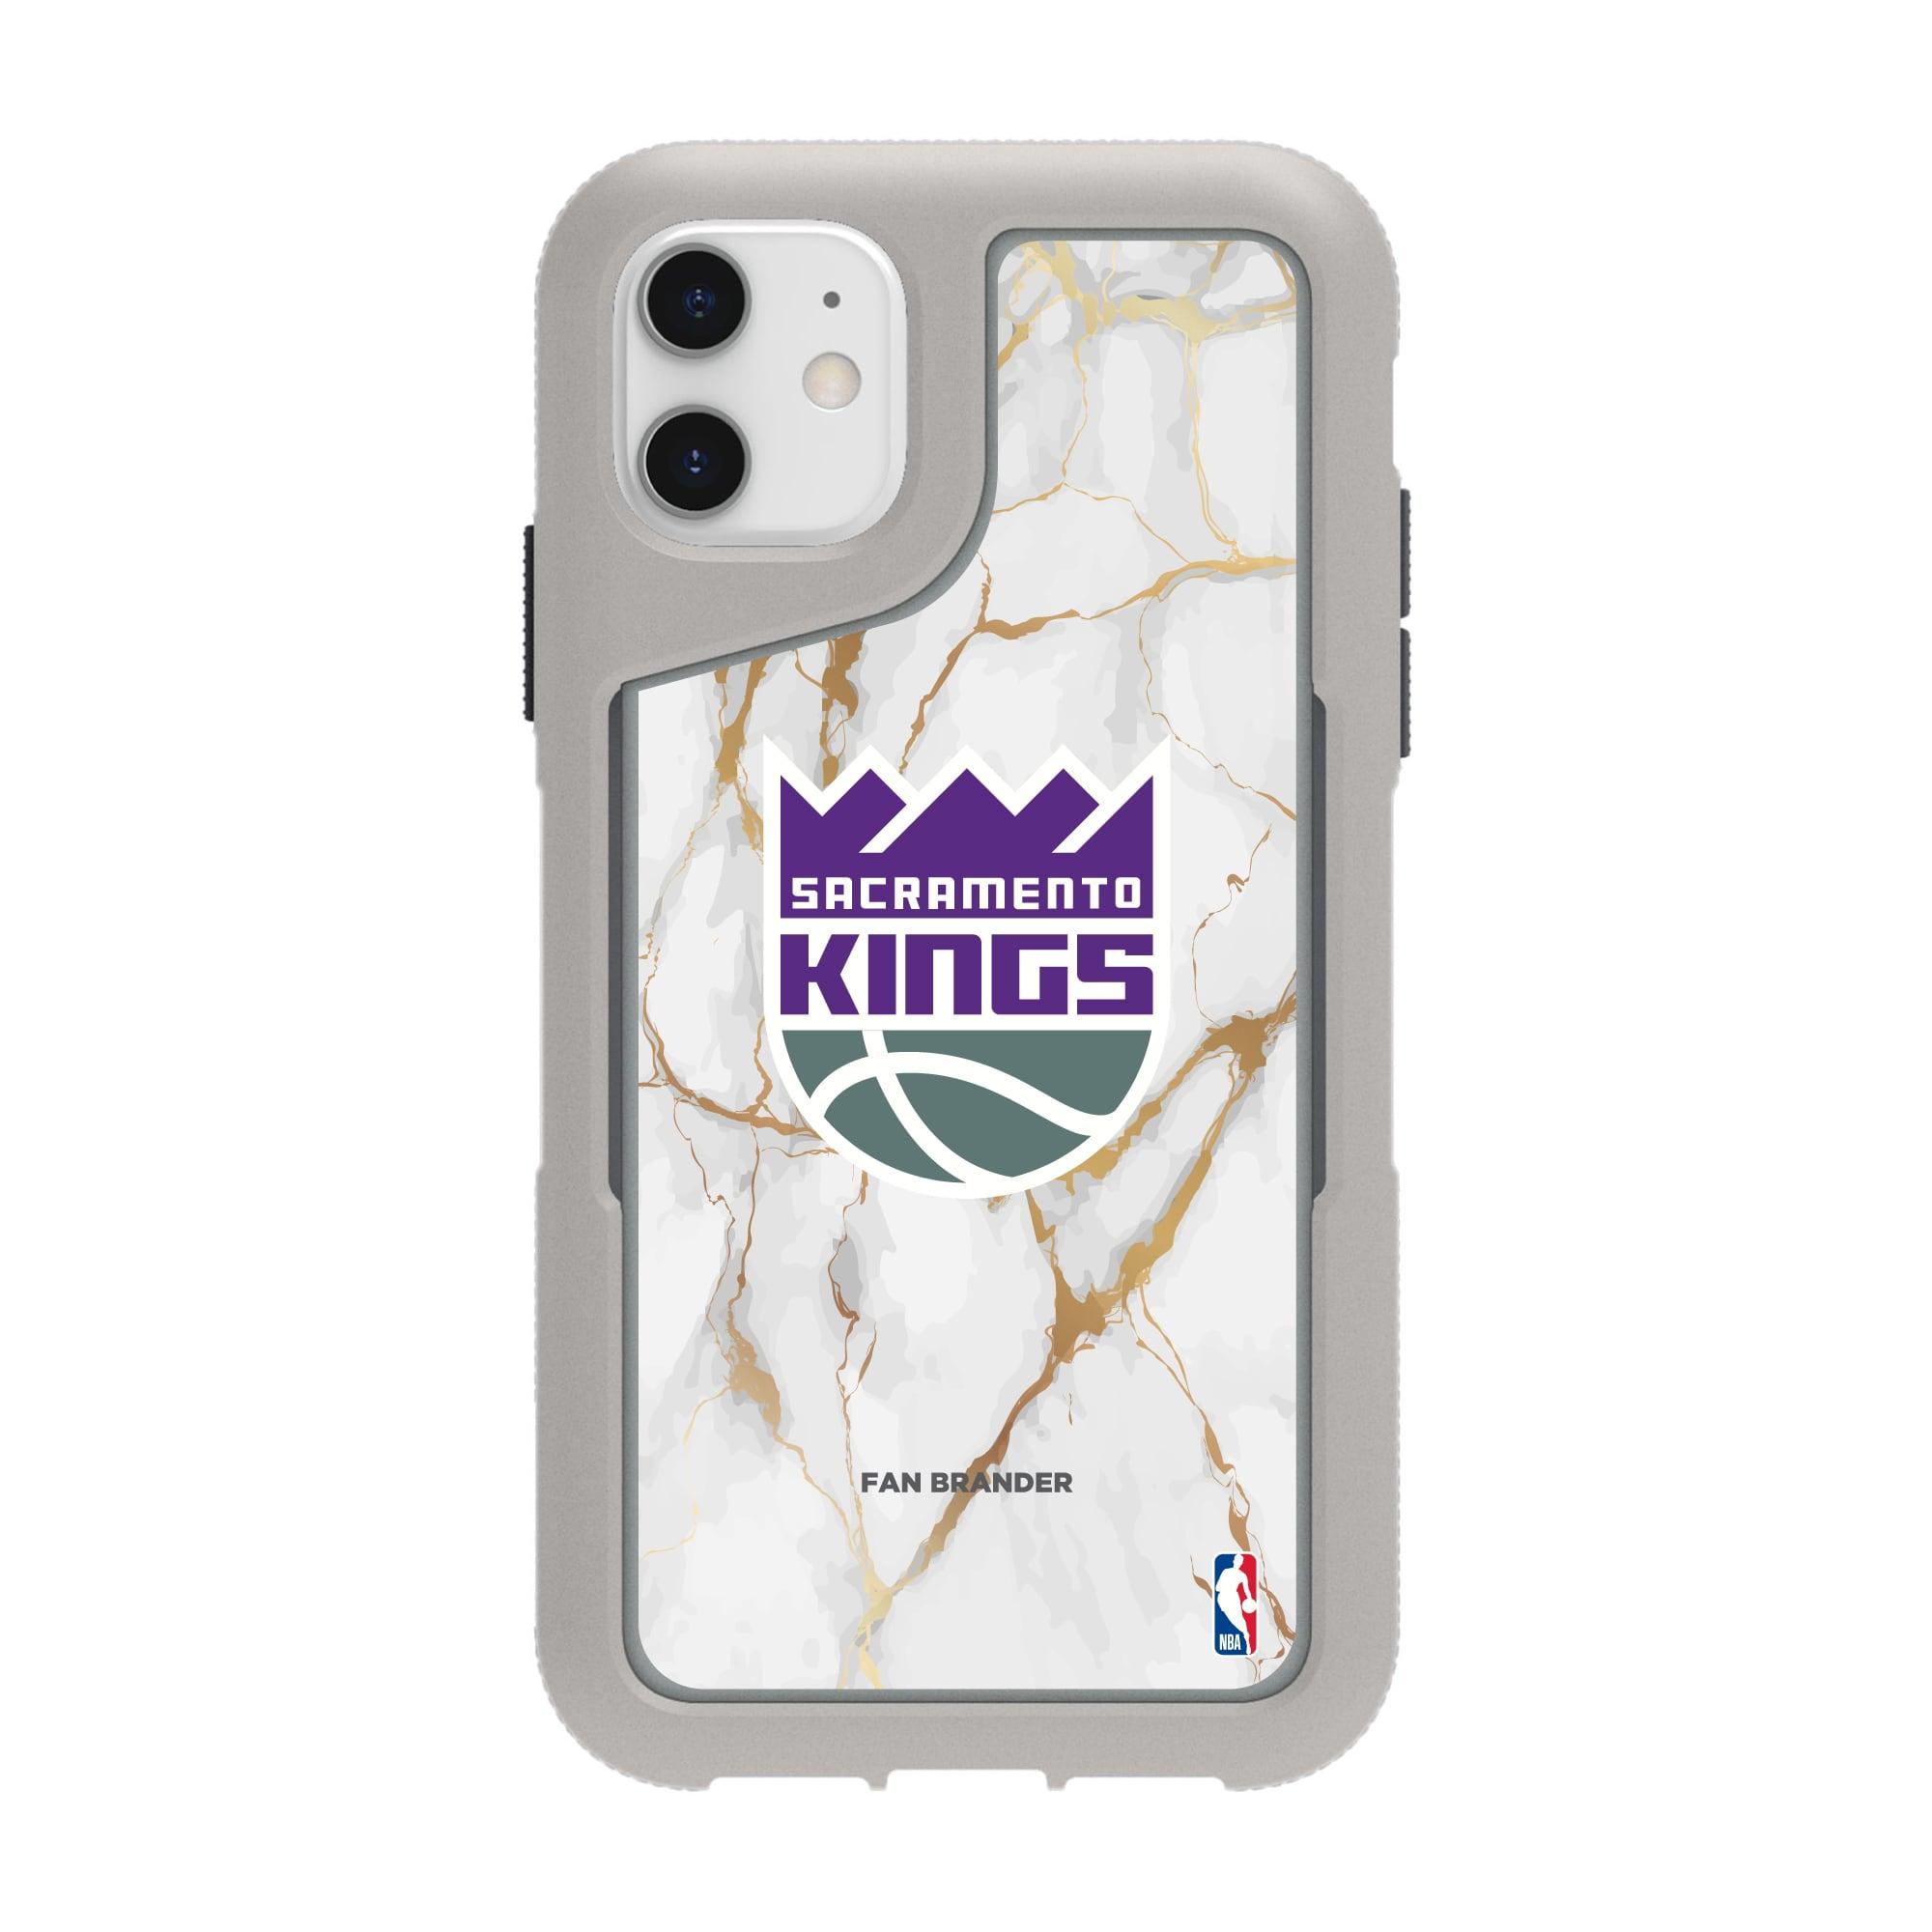 Sacramento Kings Griffin Survivor Endurance Marble iPhone Case - Gray